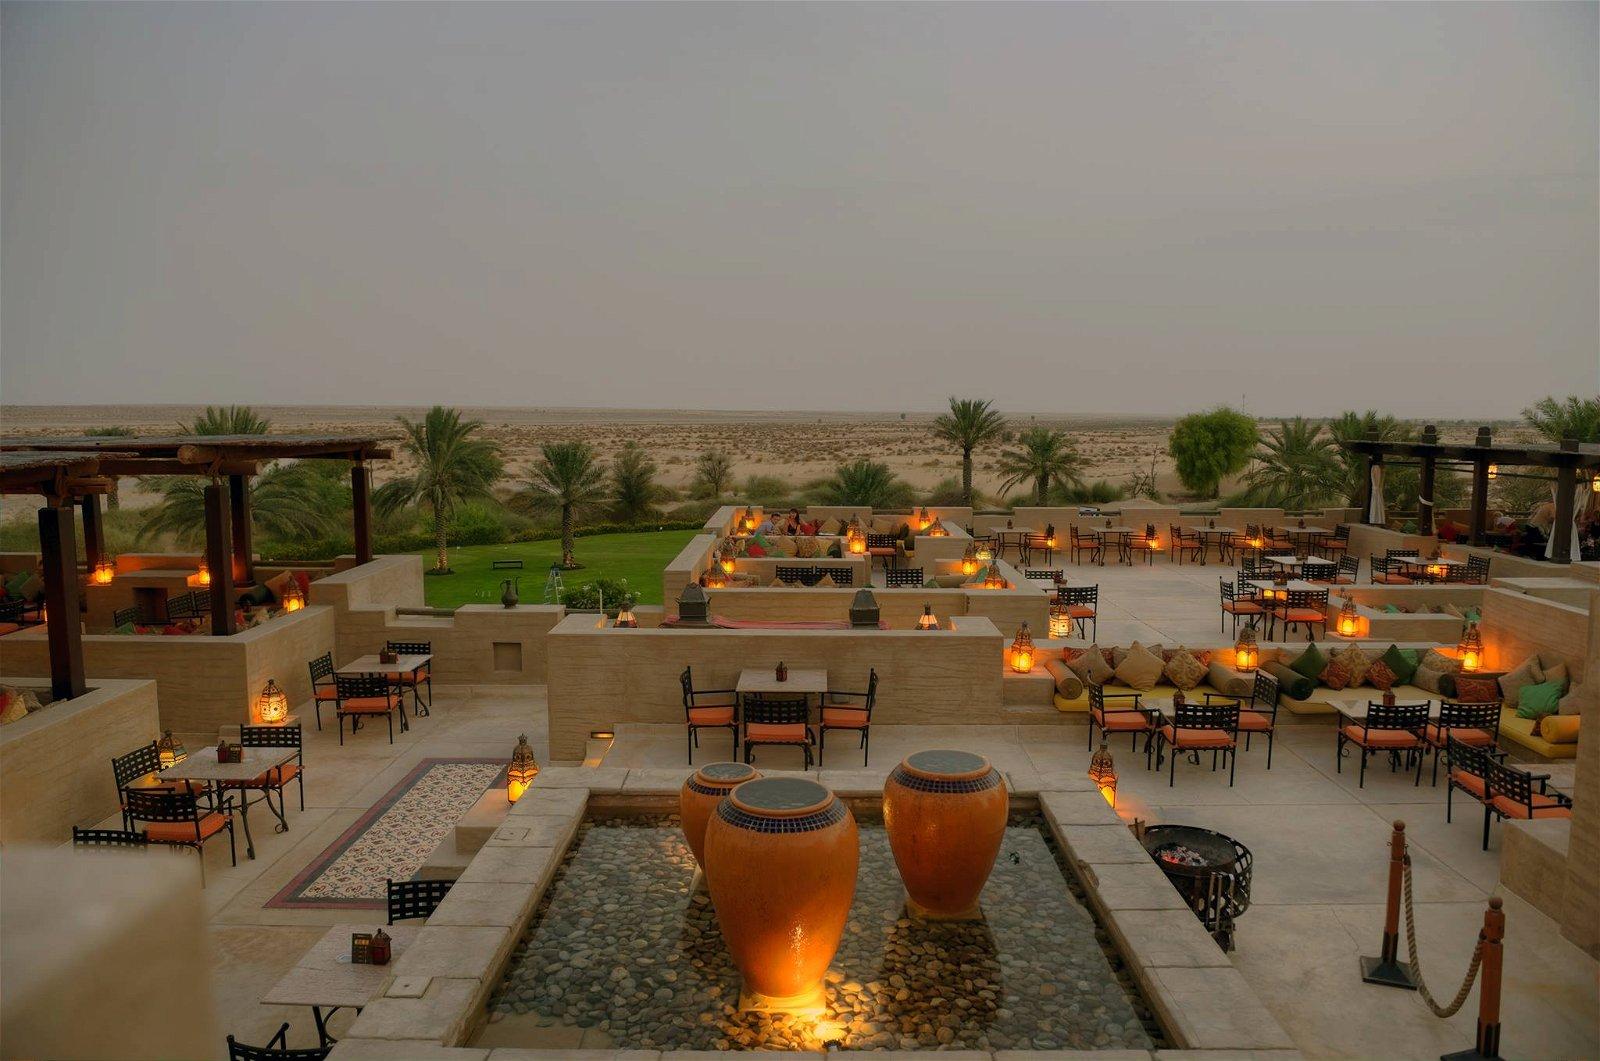 صورة منتجع وسبا باب الشمس الصحراوي